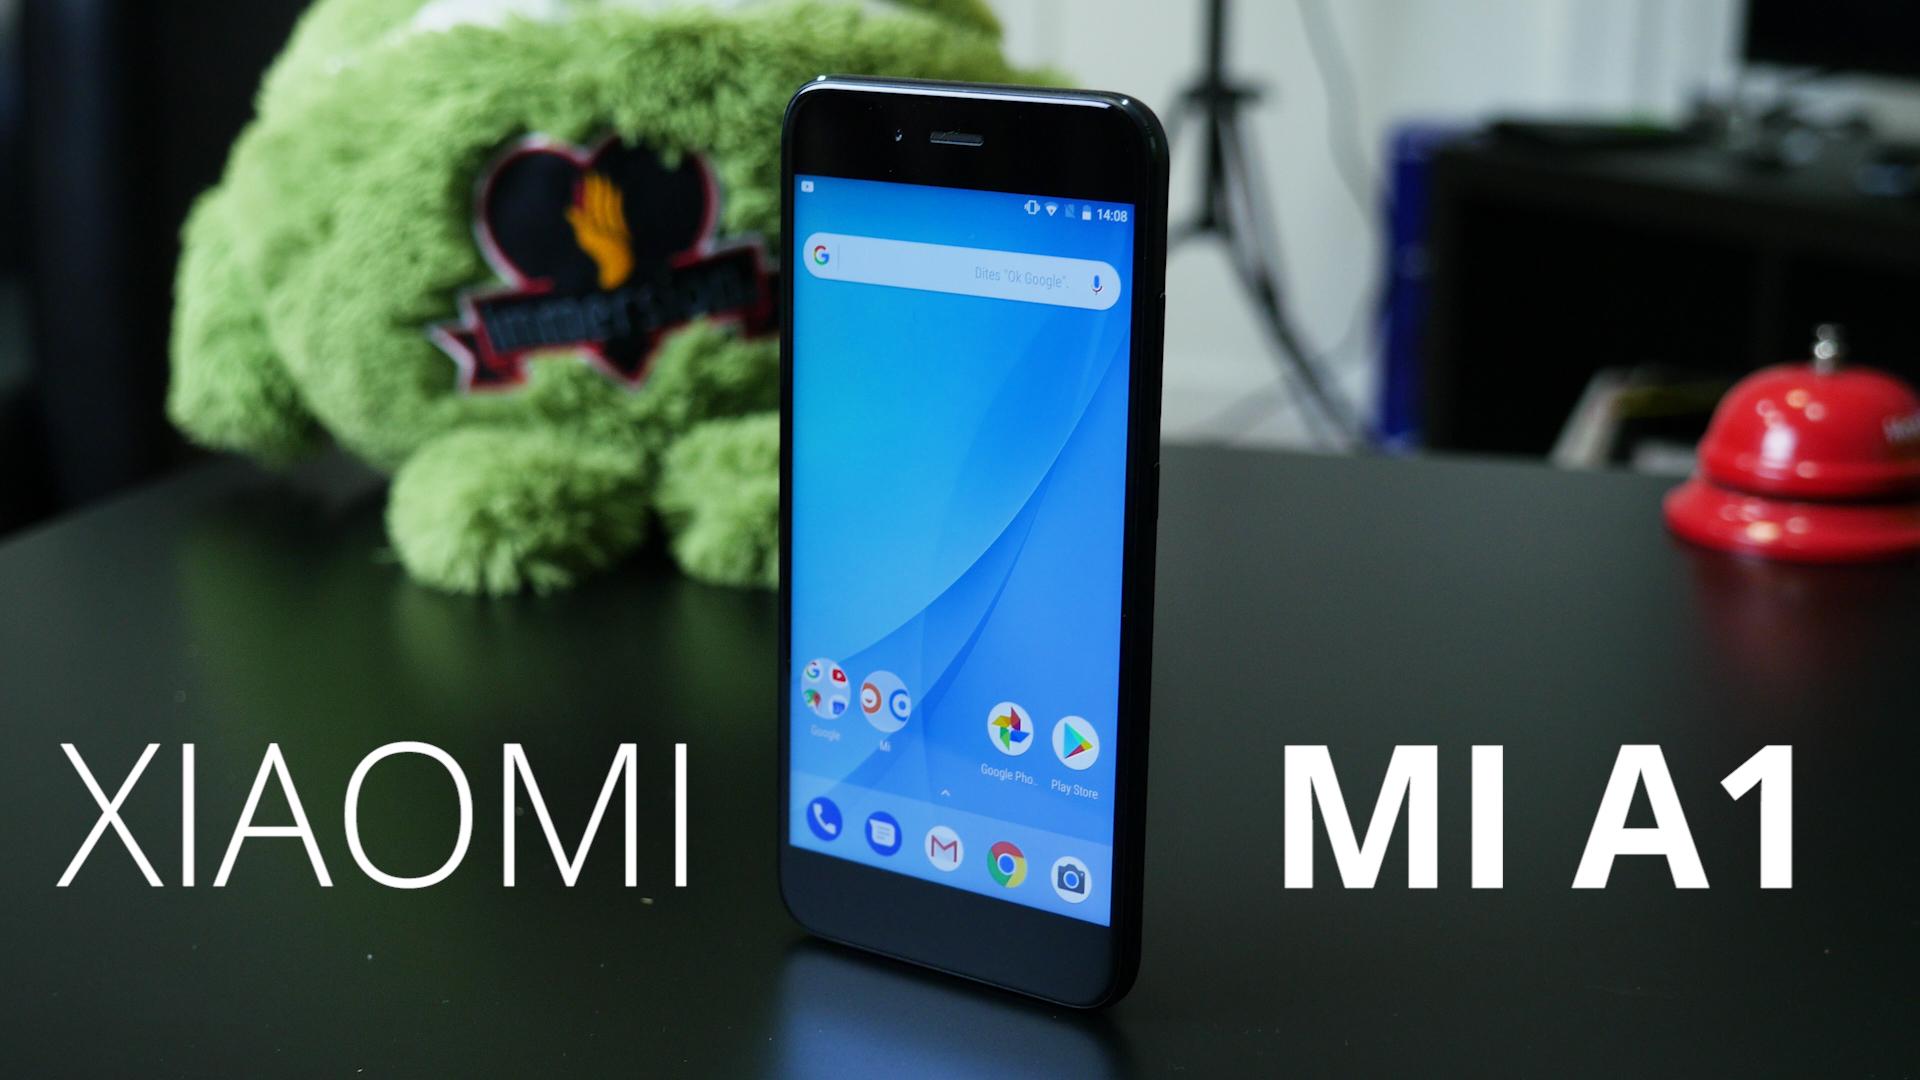 Xiaomi : MIUI et Android One ? Tiroir d'applications à venir ? La marque nous répond